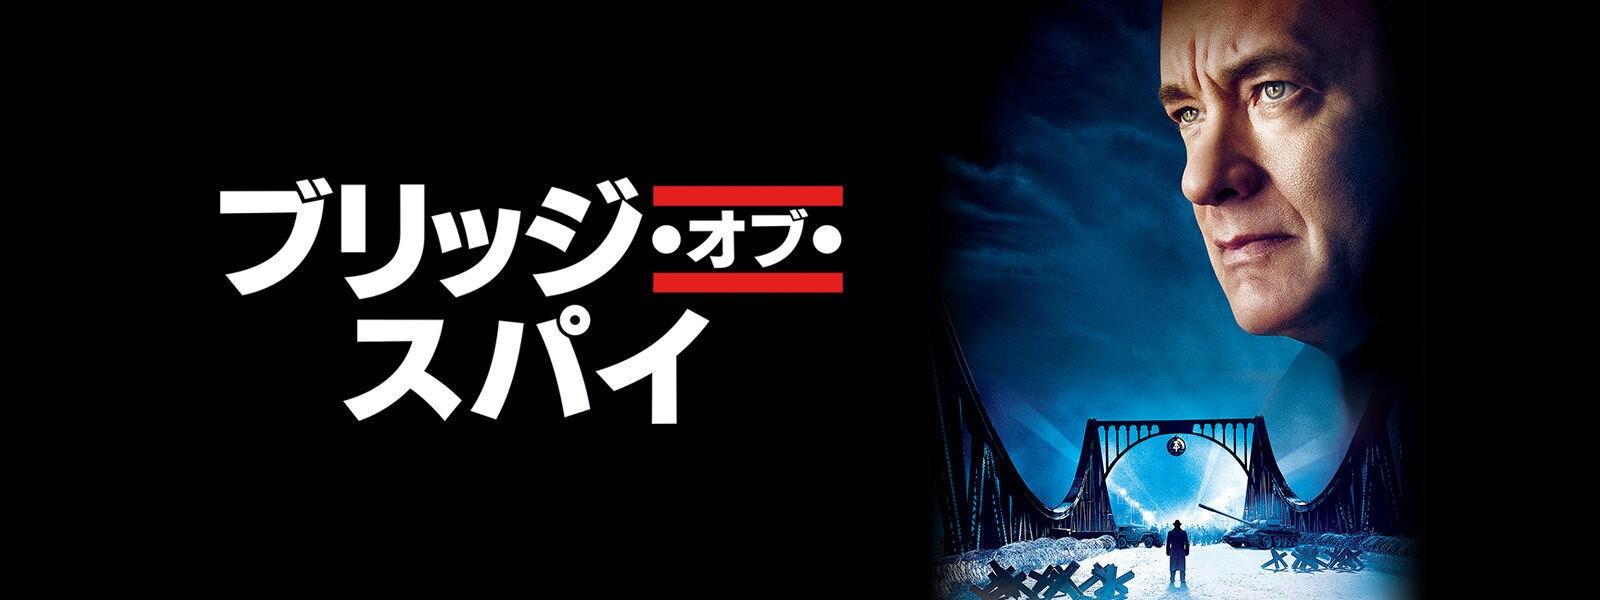 ブリッジ・オブ・スパイ|Bridge of Spies Hero Object